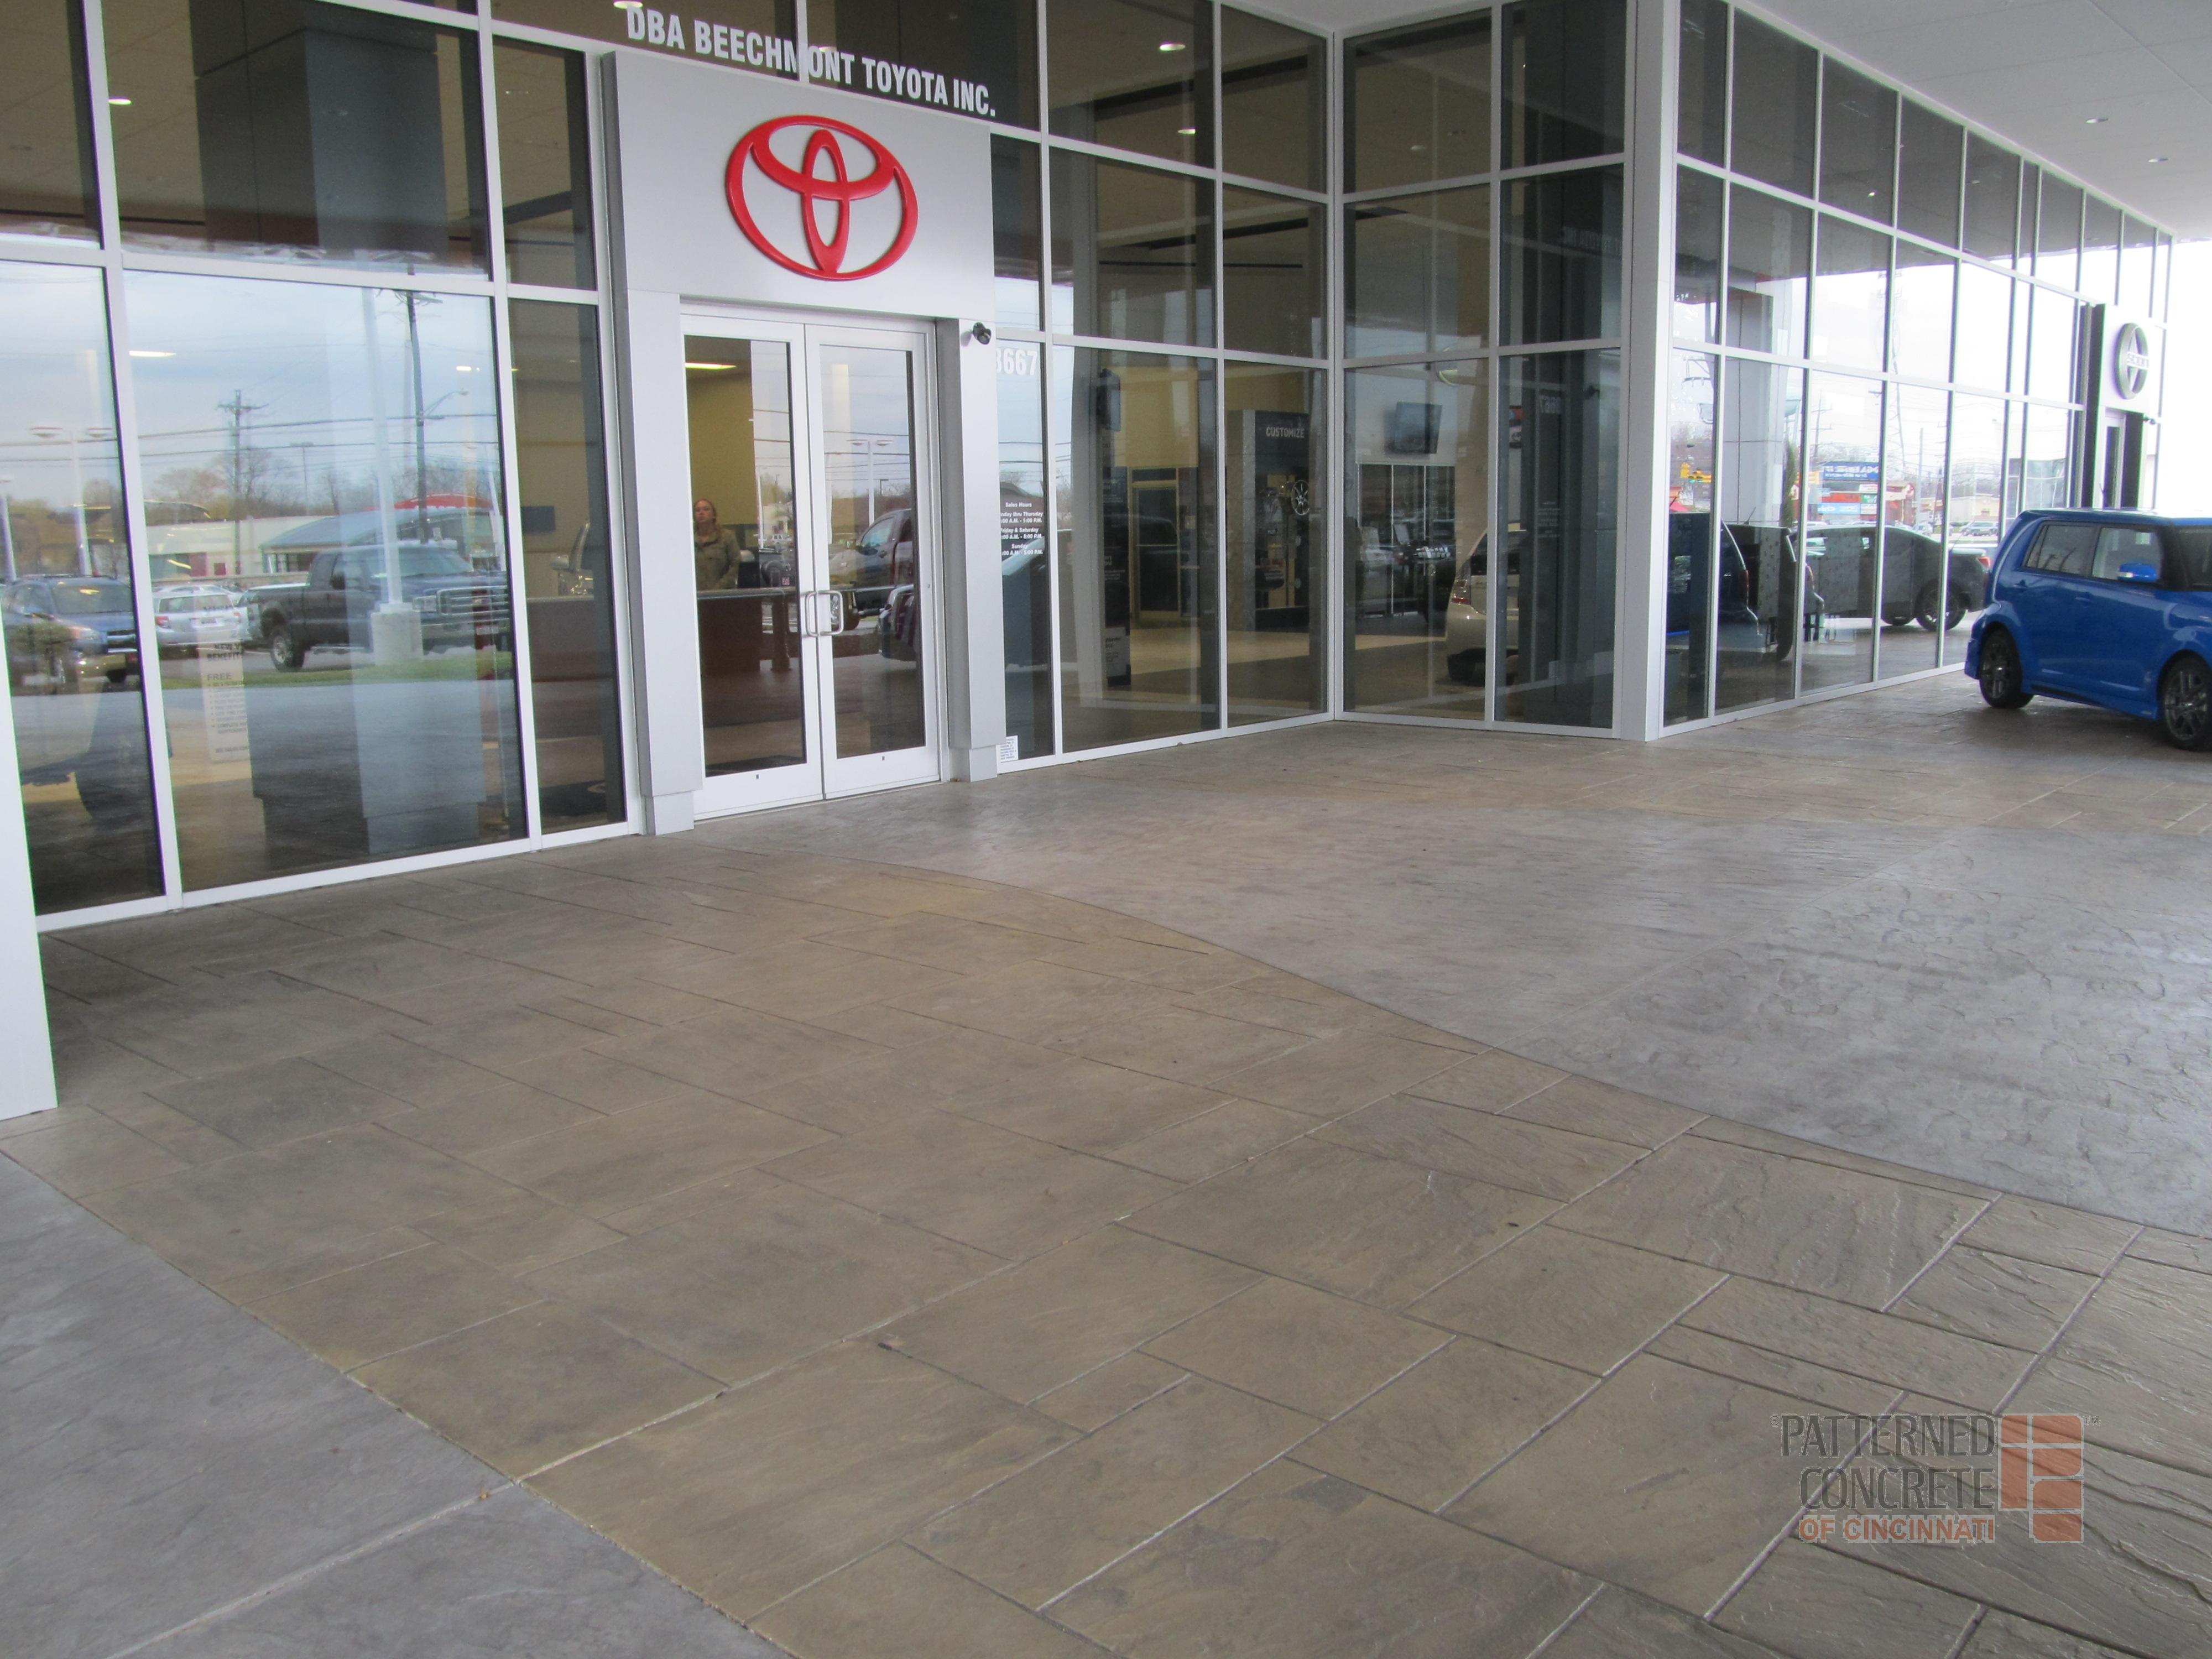 Patterned Concrete Of Cincinnati Inc Beechmont Toyota Image